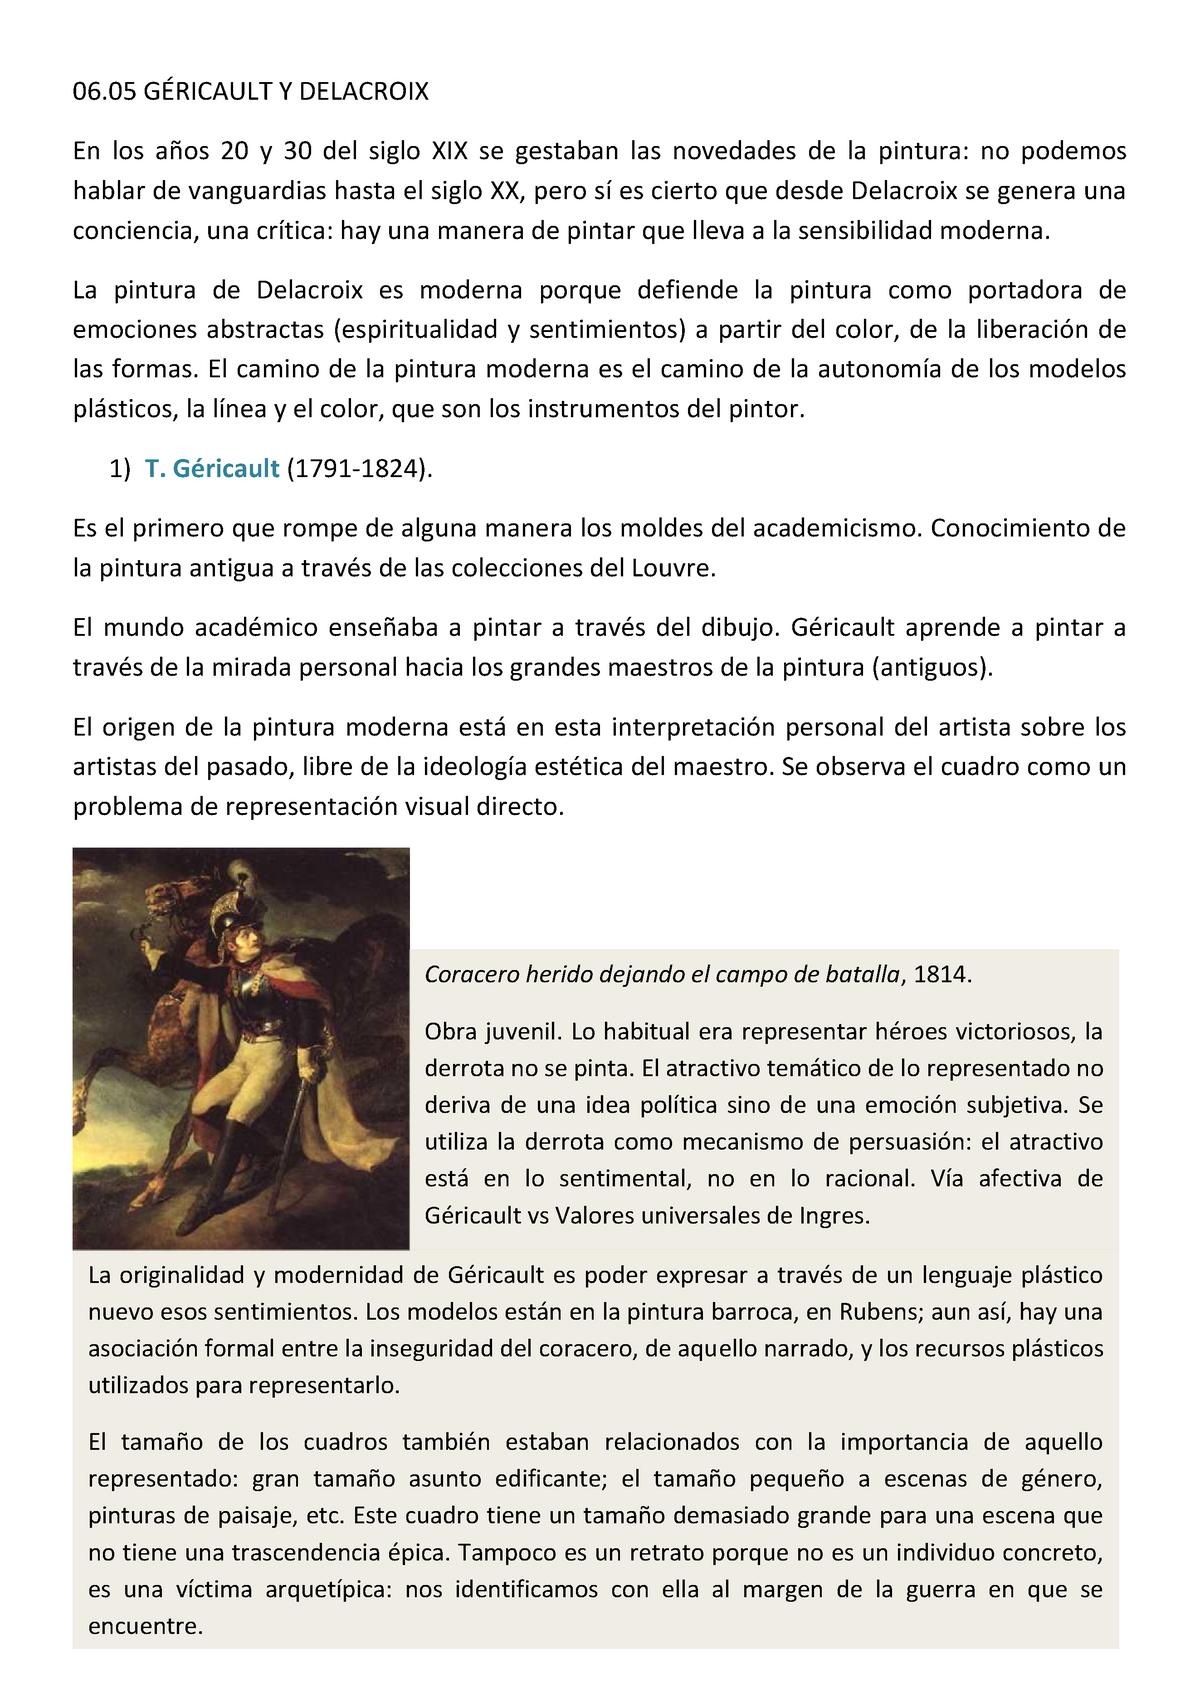 Géricault y Delacroix - Arte Siglo XIX - UPF - StuDocu